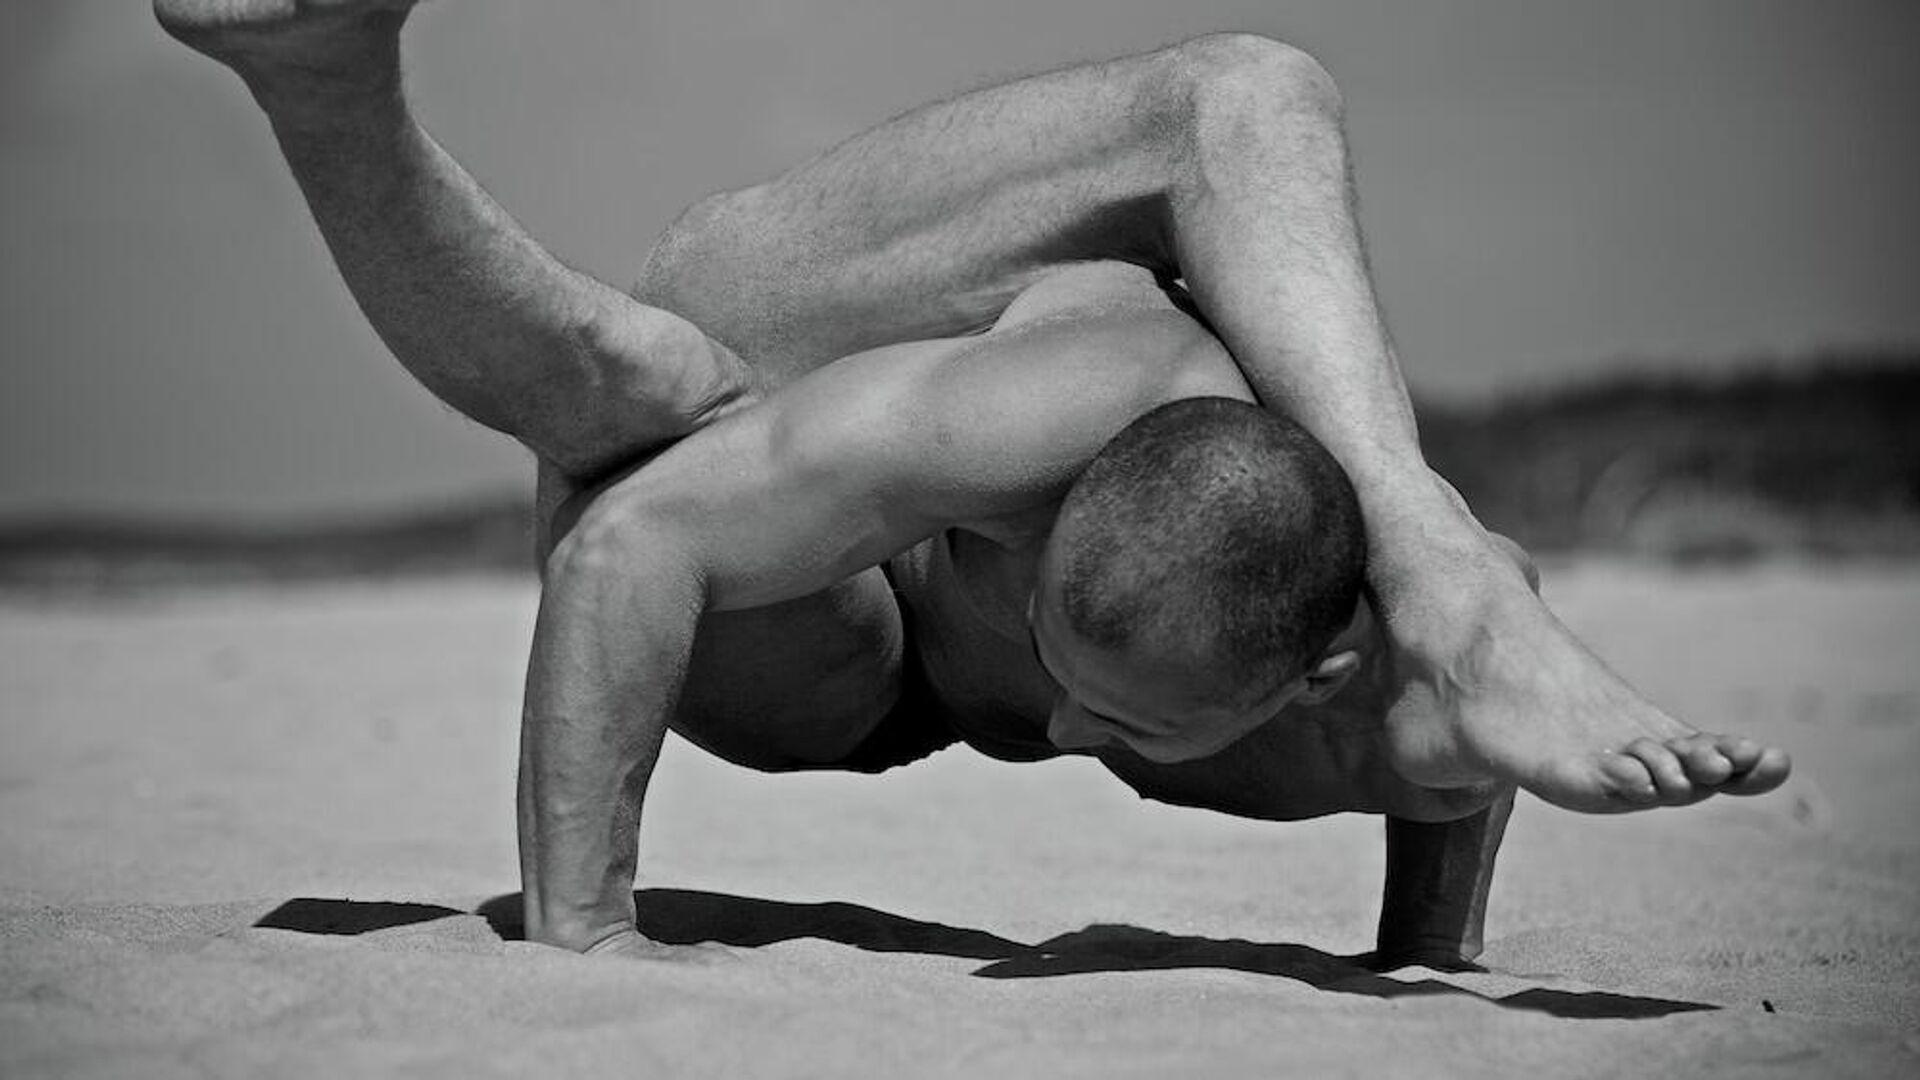 Ведущий латвийский инструктор йоги Сергей Павлюкевич - Sputnik Латвия, 1920, 21.06.2021